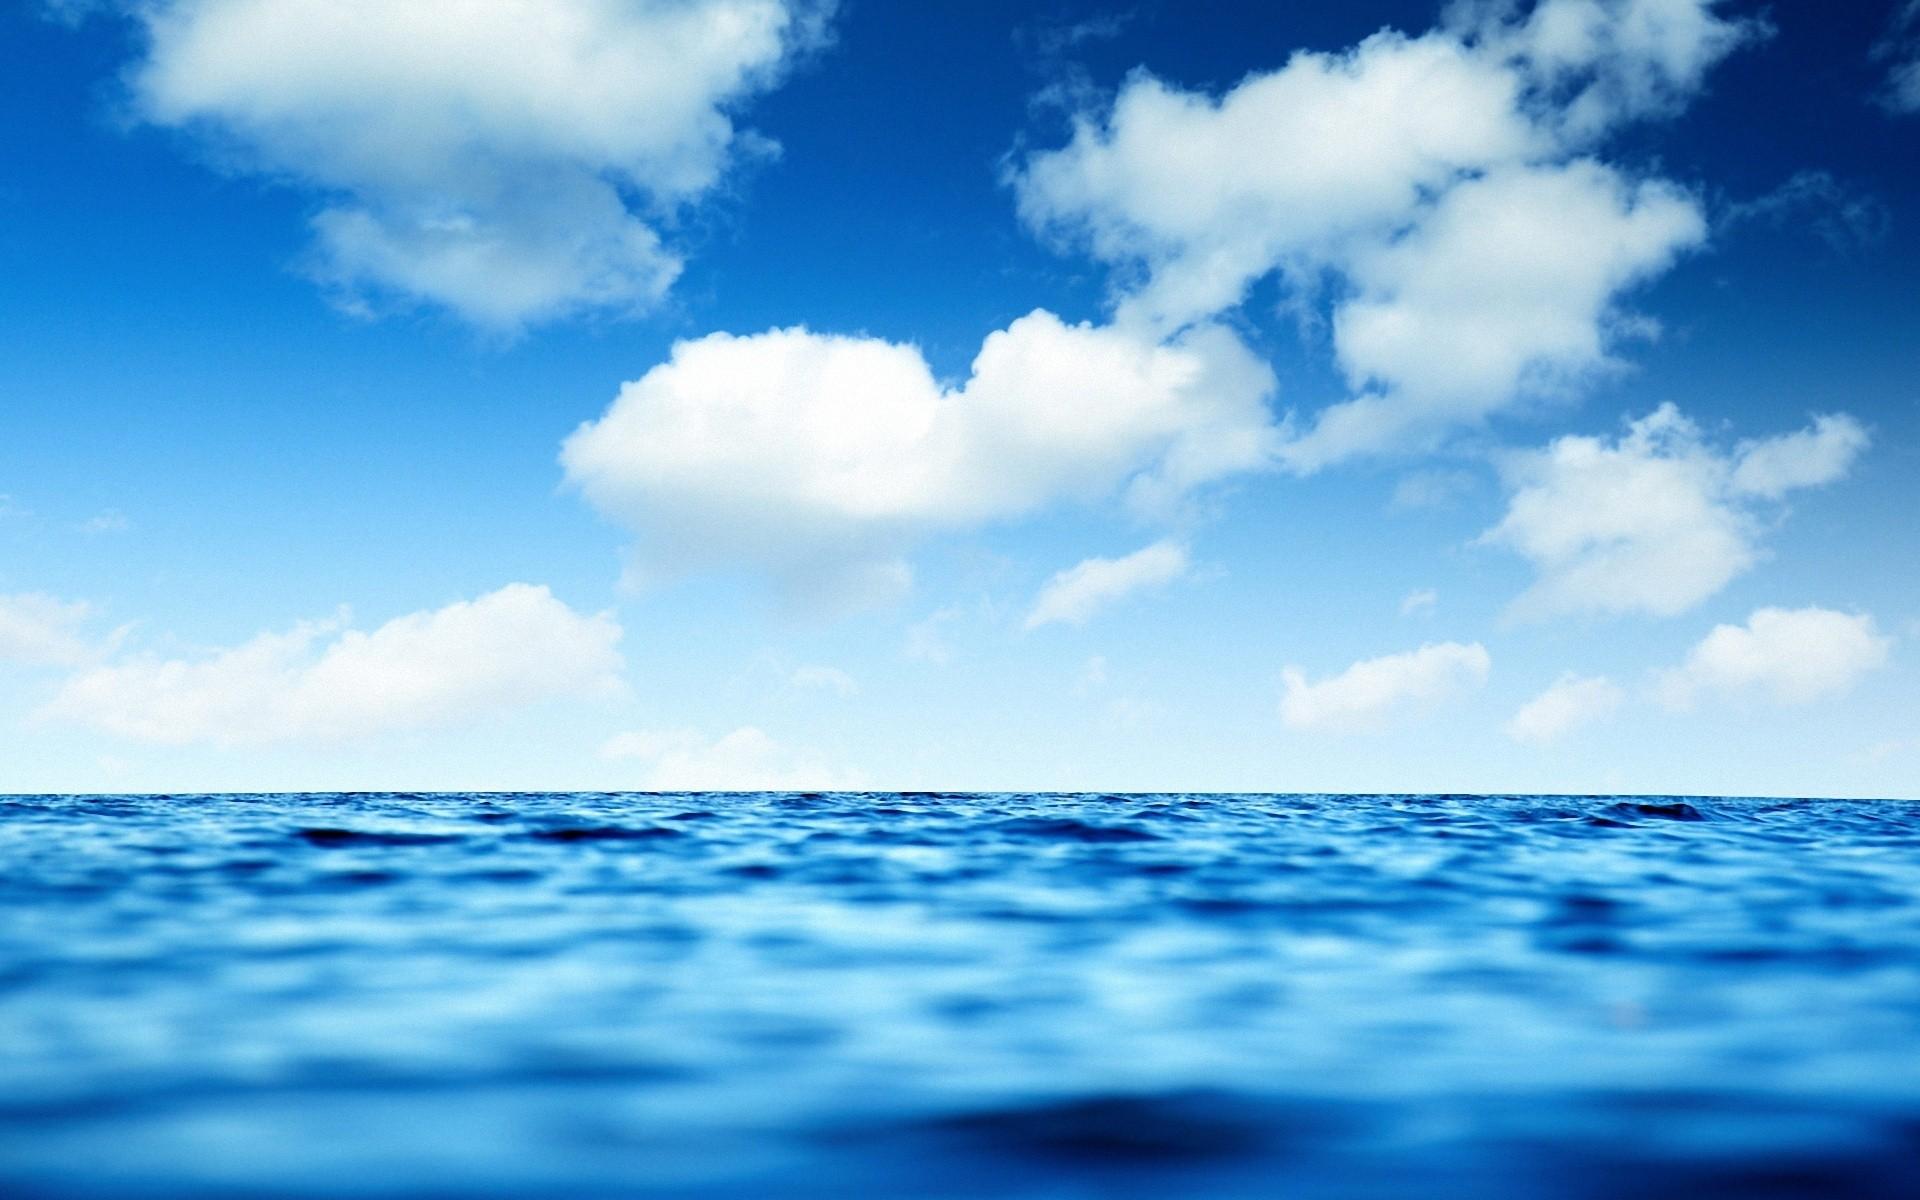 Море вода деревья облака  № 1034951 бесплатно